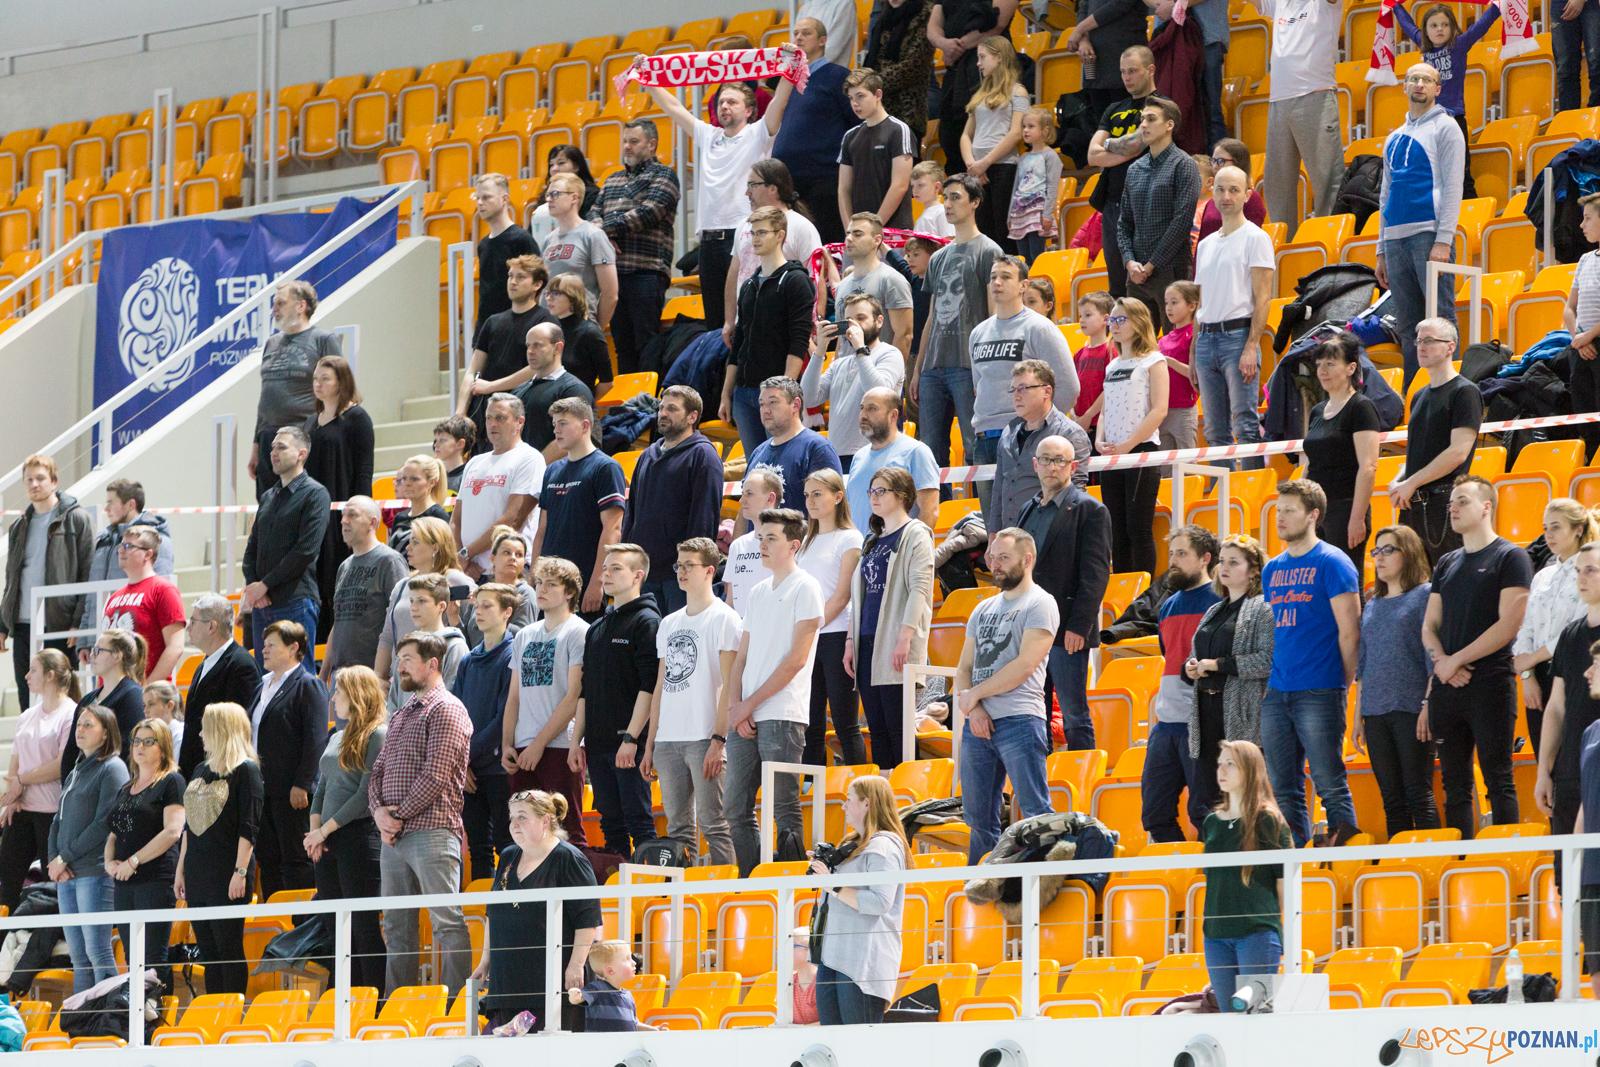 Mecz Polska - Niemcy - Eliminacje Mistrzostw Europy  Foto: lepszyPOZNAN.pl/Piotr Rychter